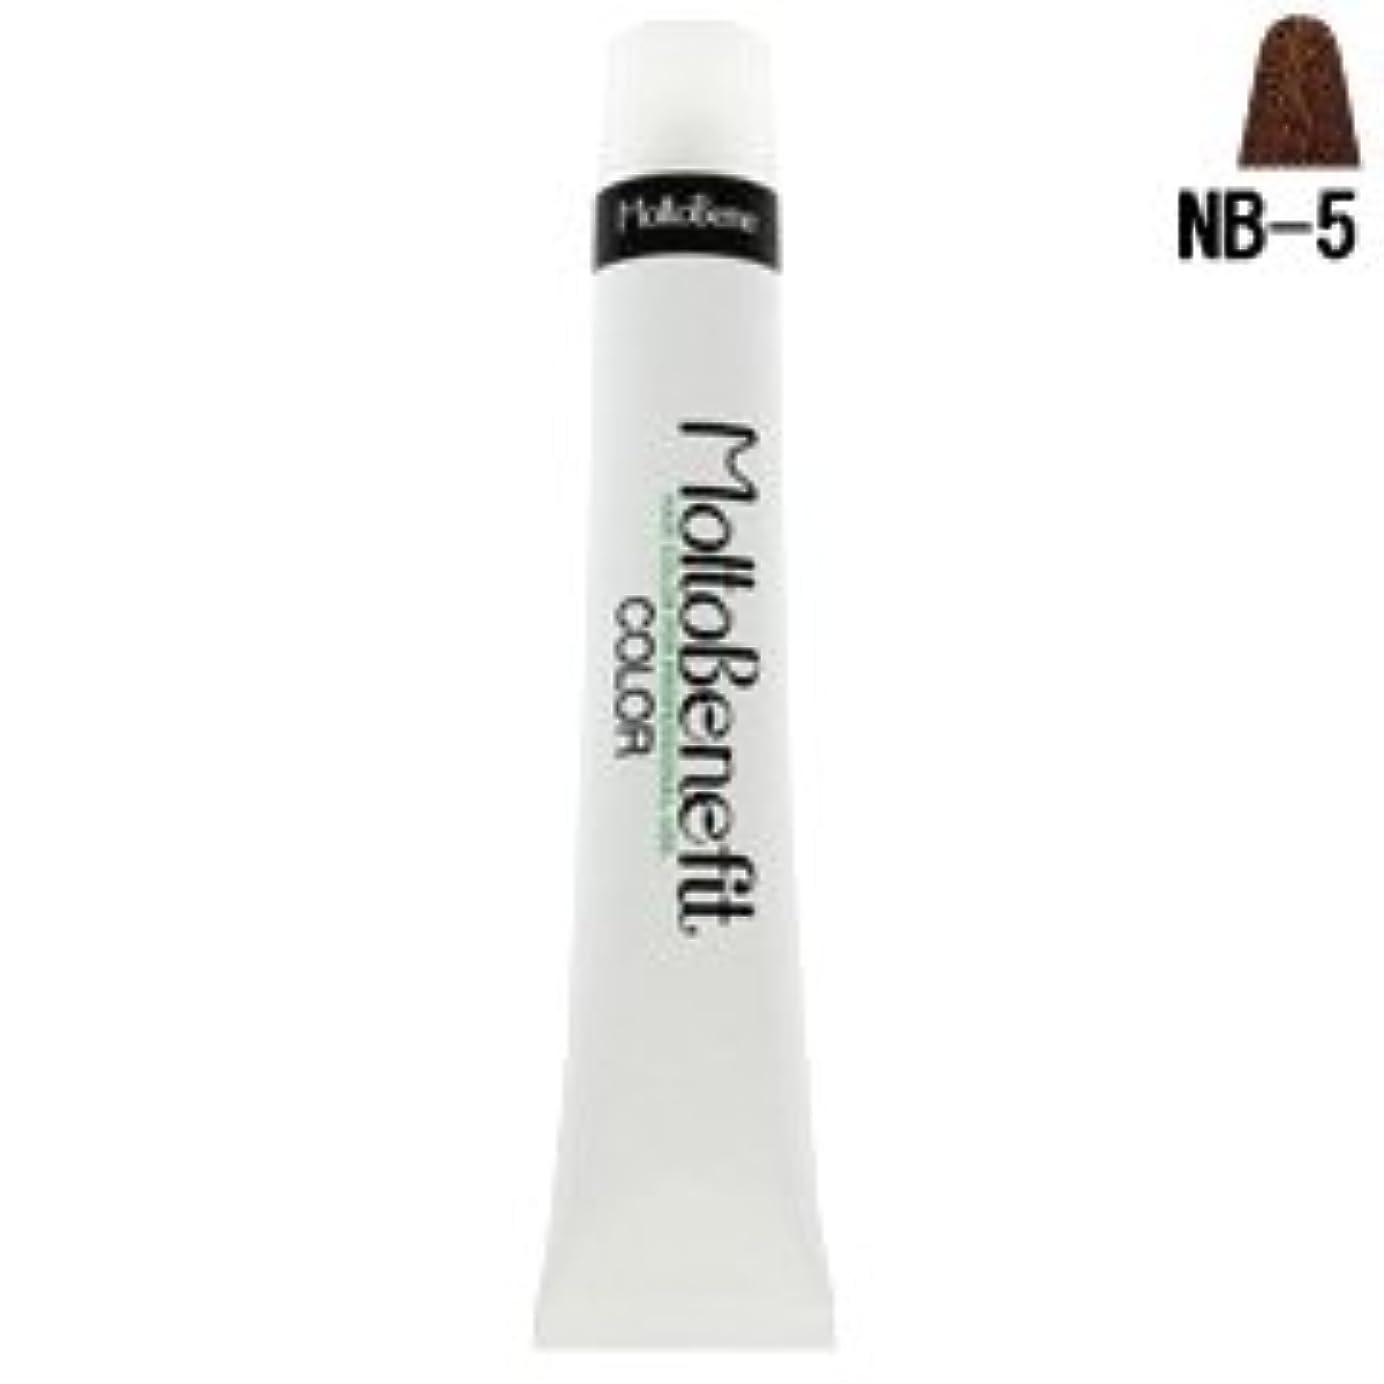 ディーラースロープやむを得ない【モルトベーネ】フィットカラー グレイナチュラルカラー NB-5 ナチュラルブラウン 60g